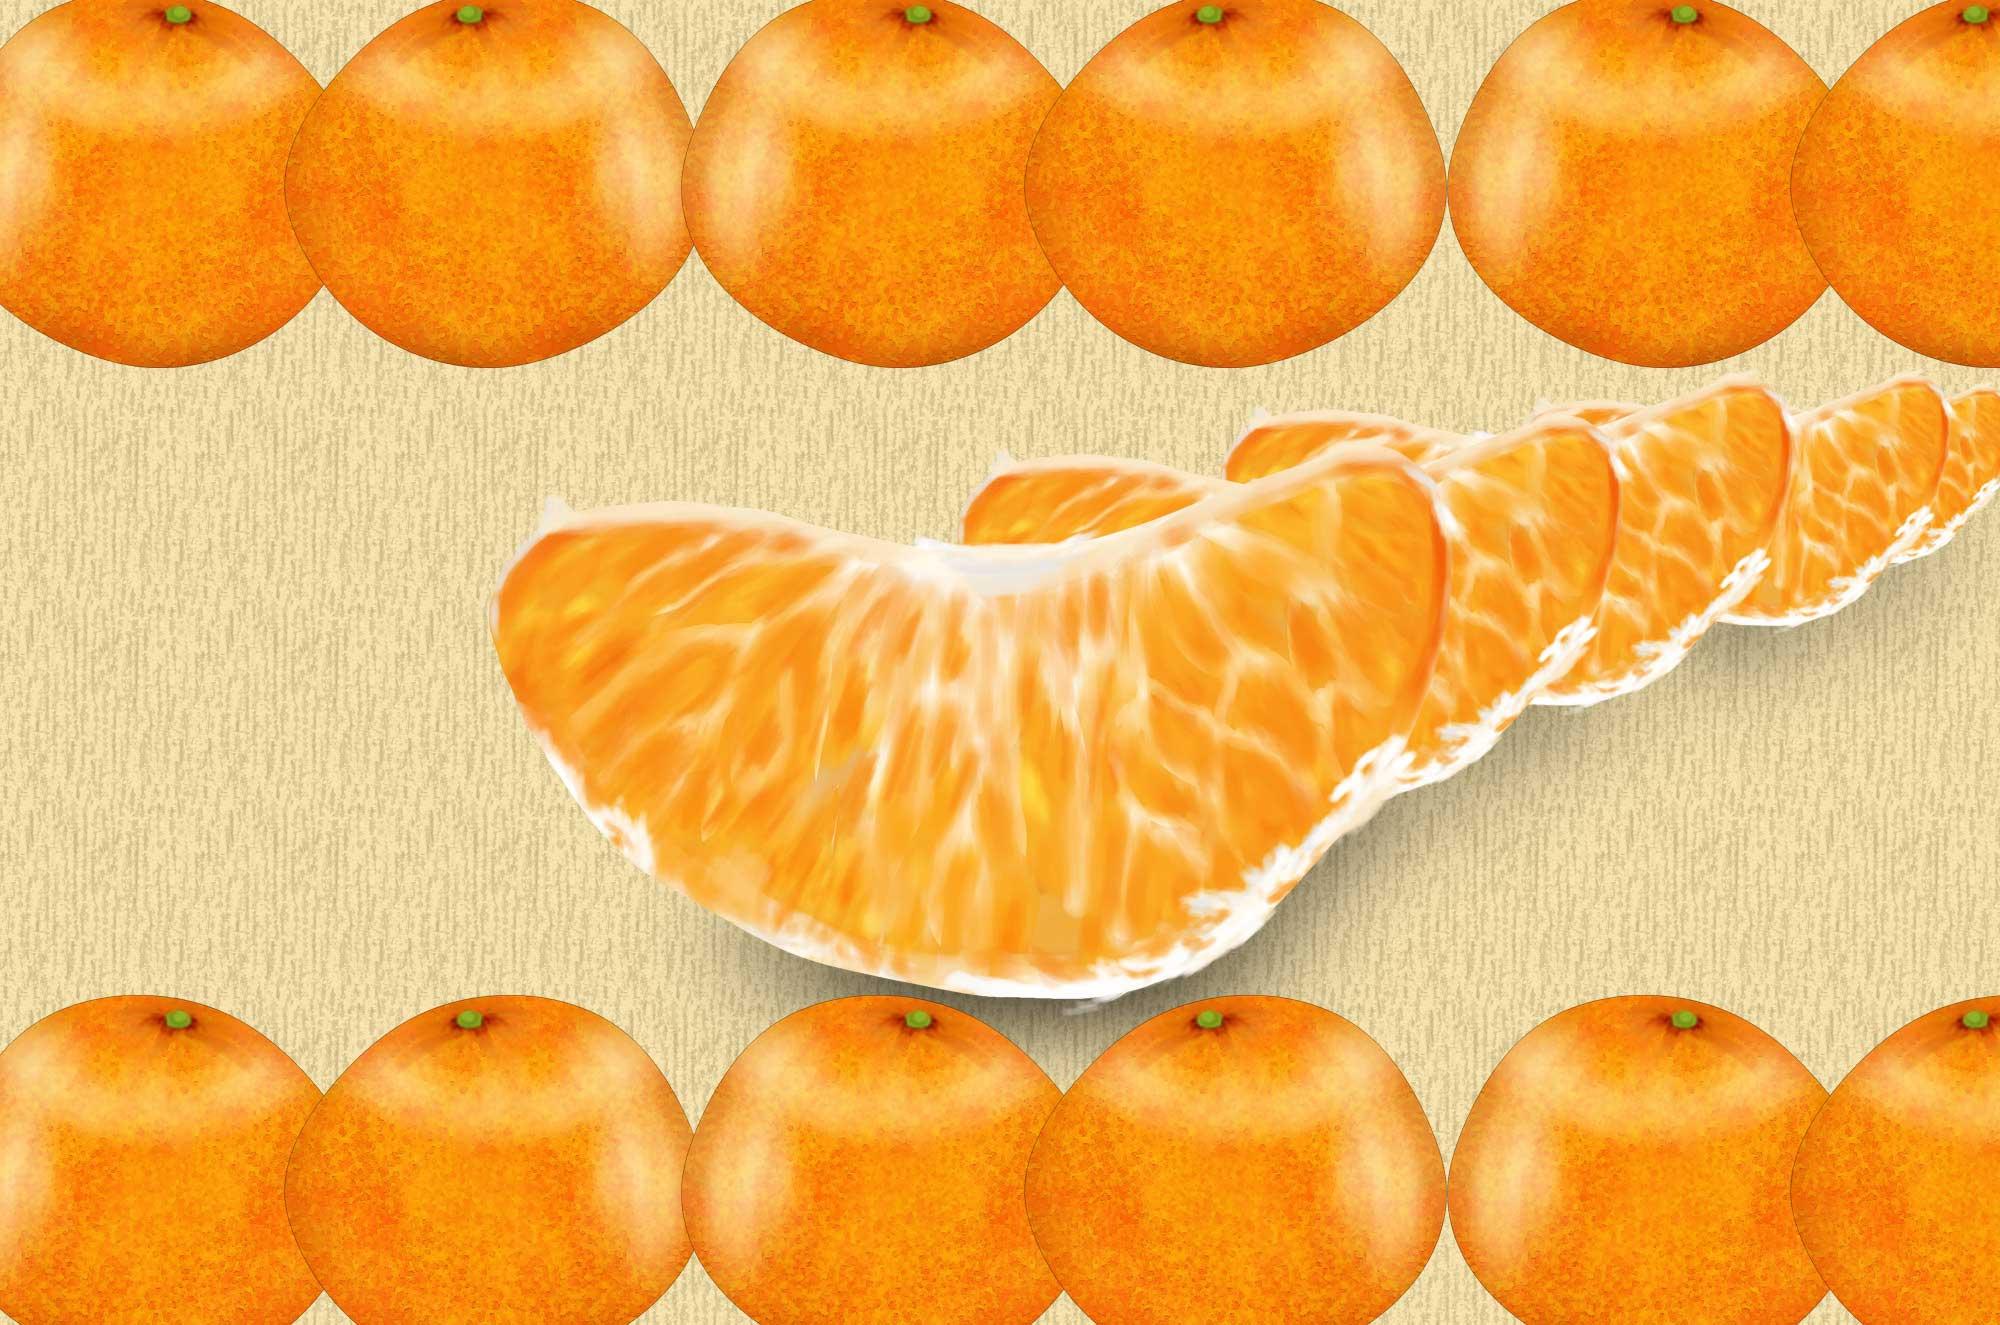 みかんイラスト - かわいい果物フリー素材リアルな実も - チコデザ